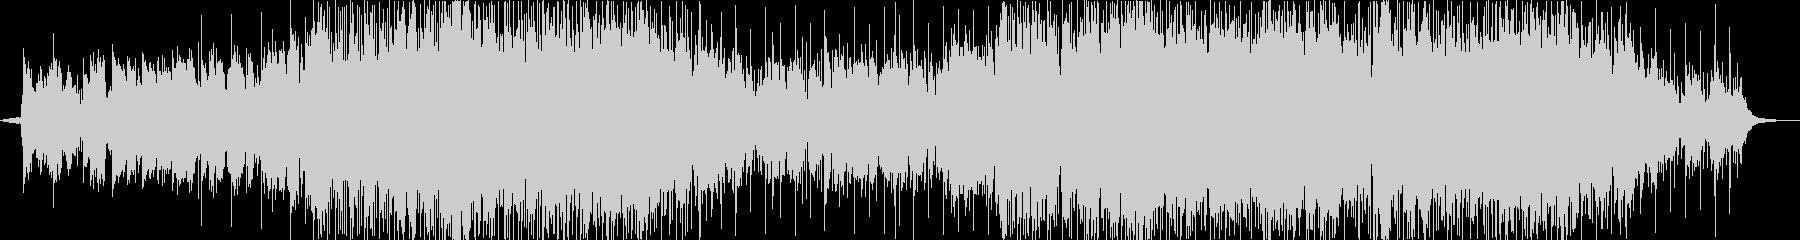 笛のメロディーのポップな曲の未再生の波形